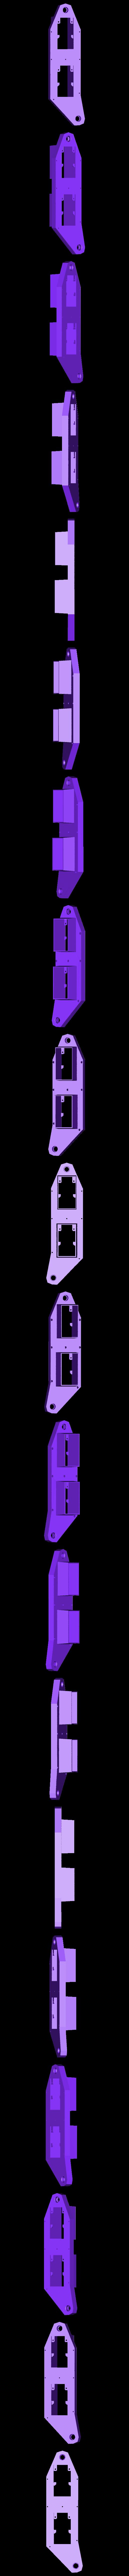 frame_leg_part_1_L.stl Télécharger fichier STL gratuit RoboDog v1.0 • Modèle pour imprimante 3D, robolab19